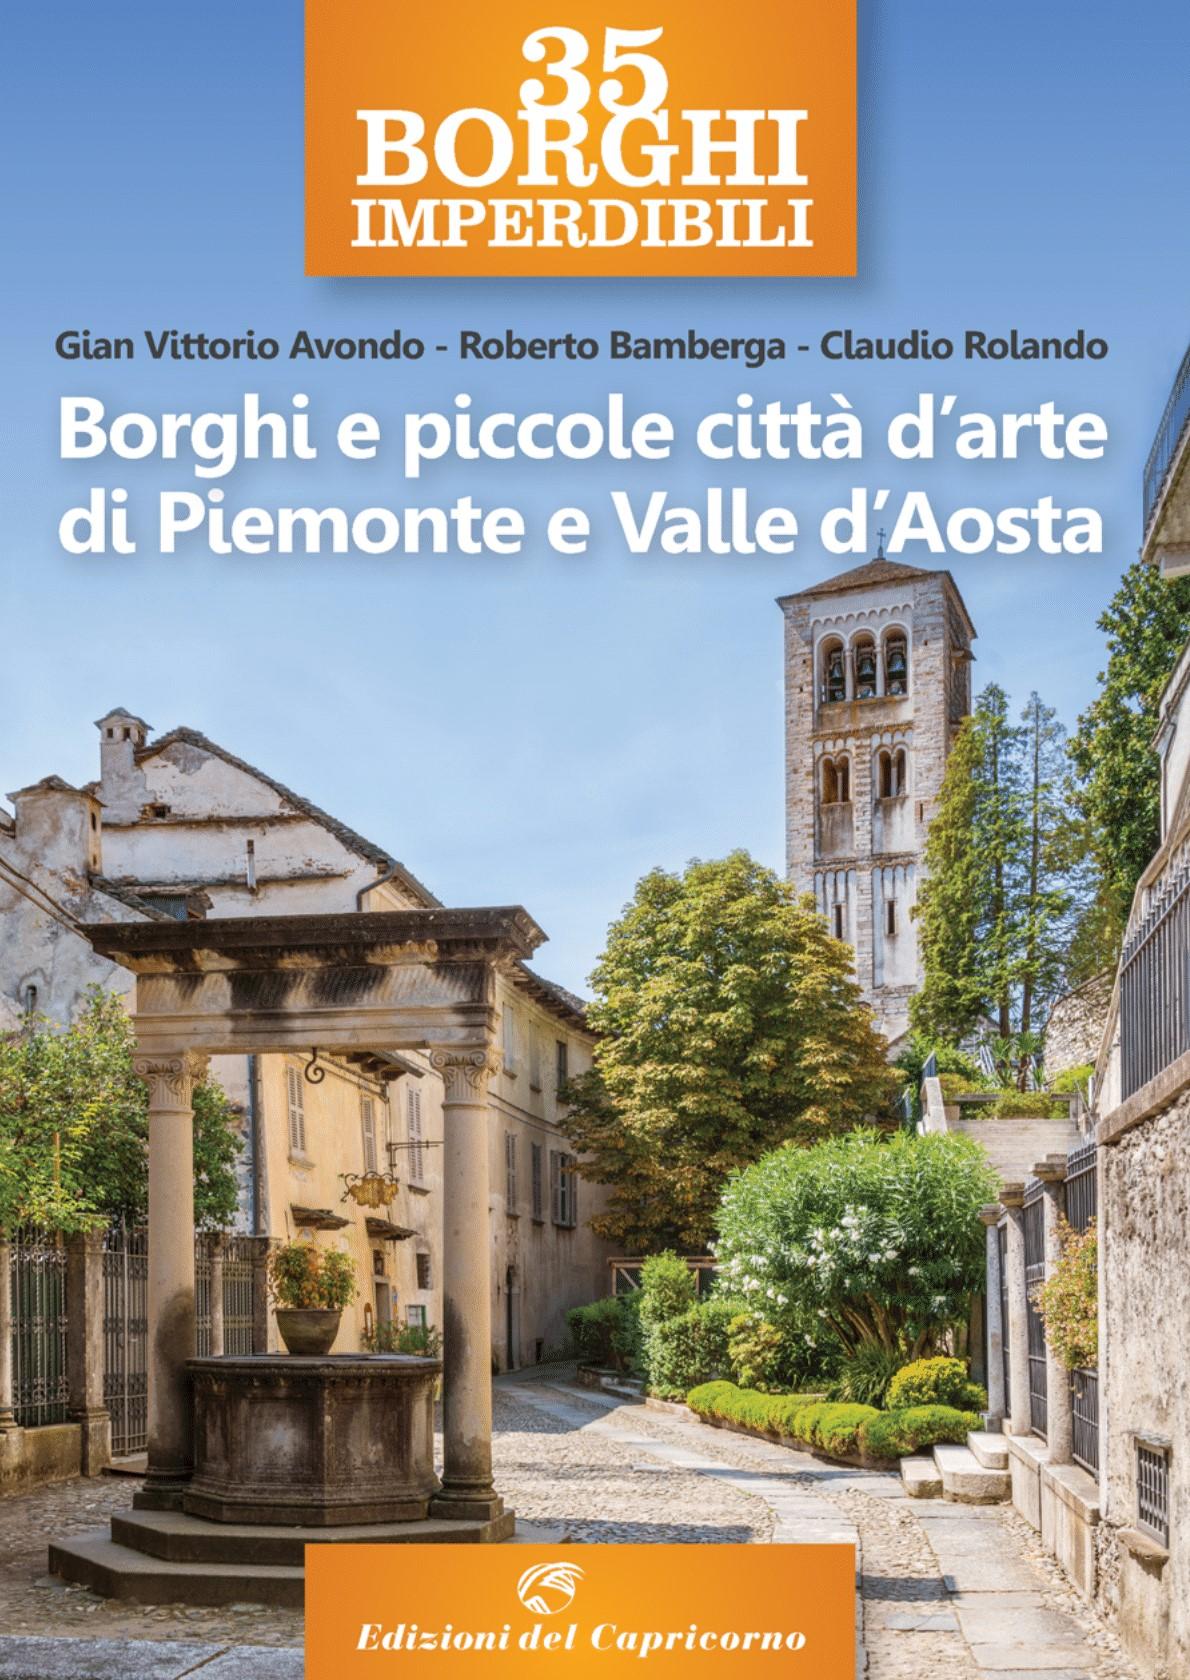 Borghi e piccole città d'arte del Piemonte e Valle d'Aosta